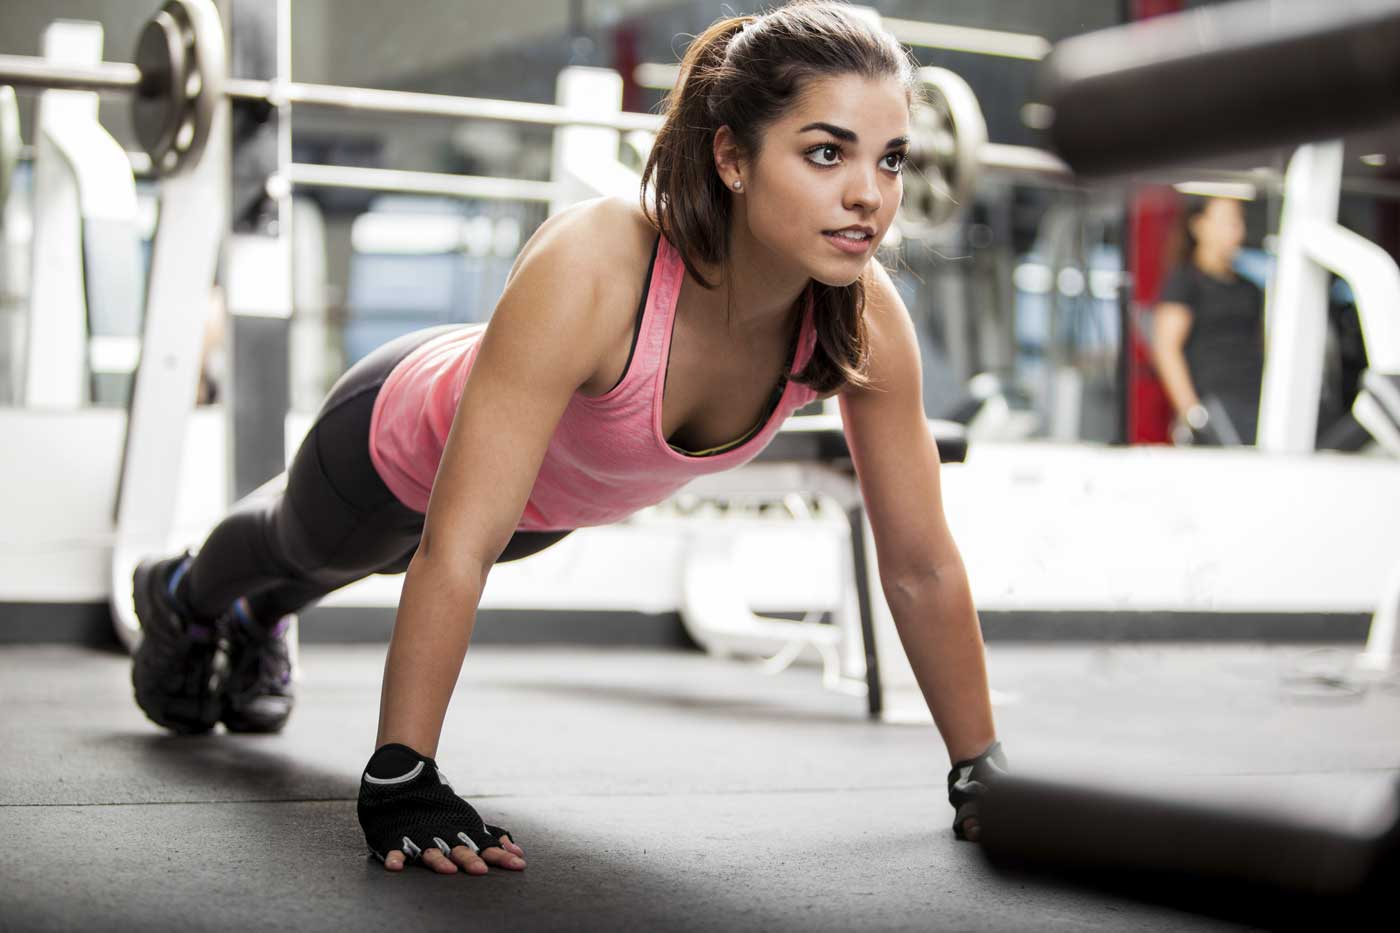 numesti svorio ir jaustis geriau kaip priversti vėžlį numesti svorio